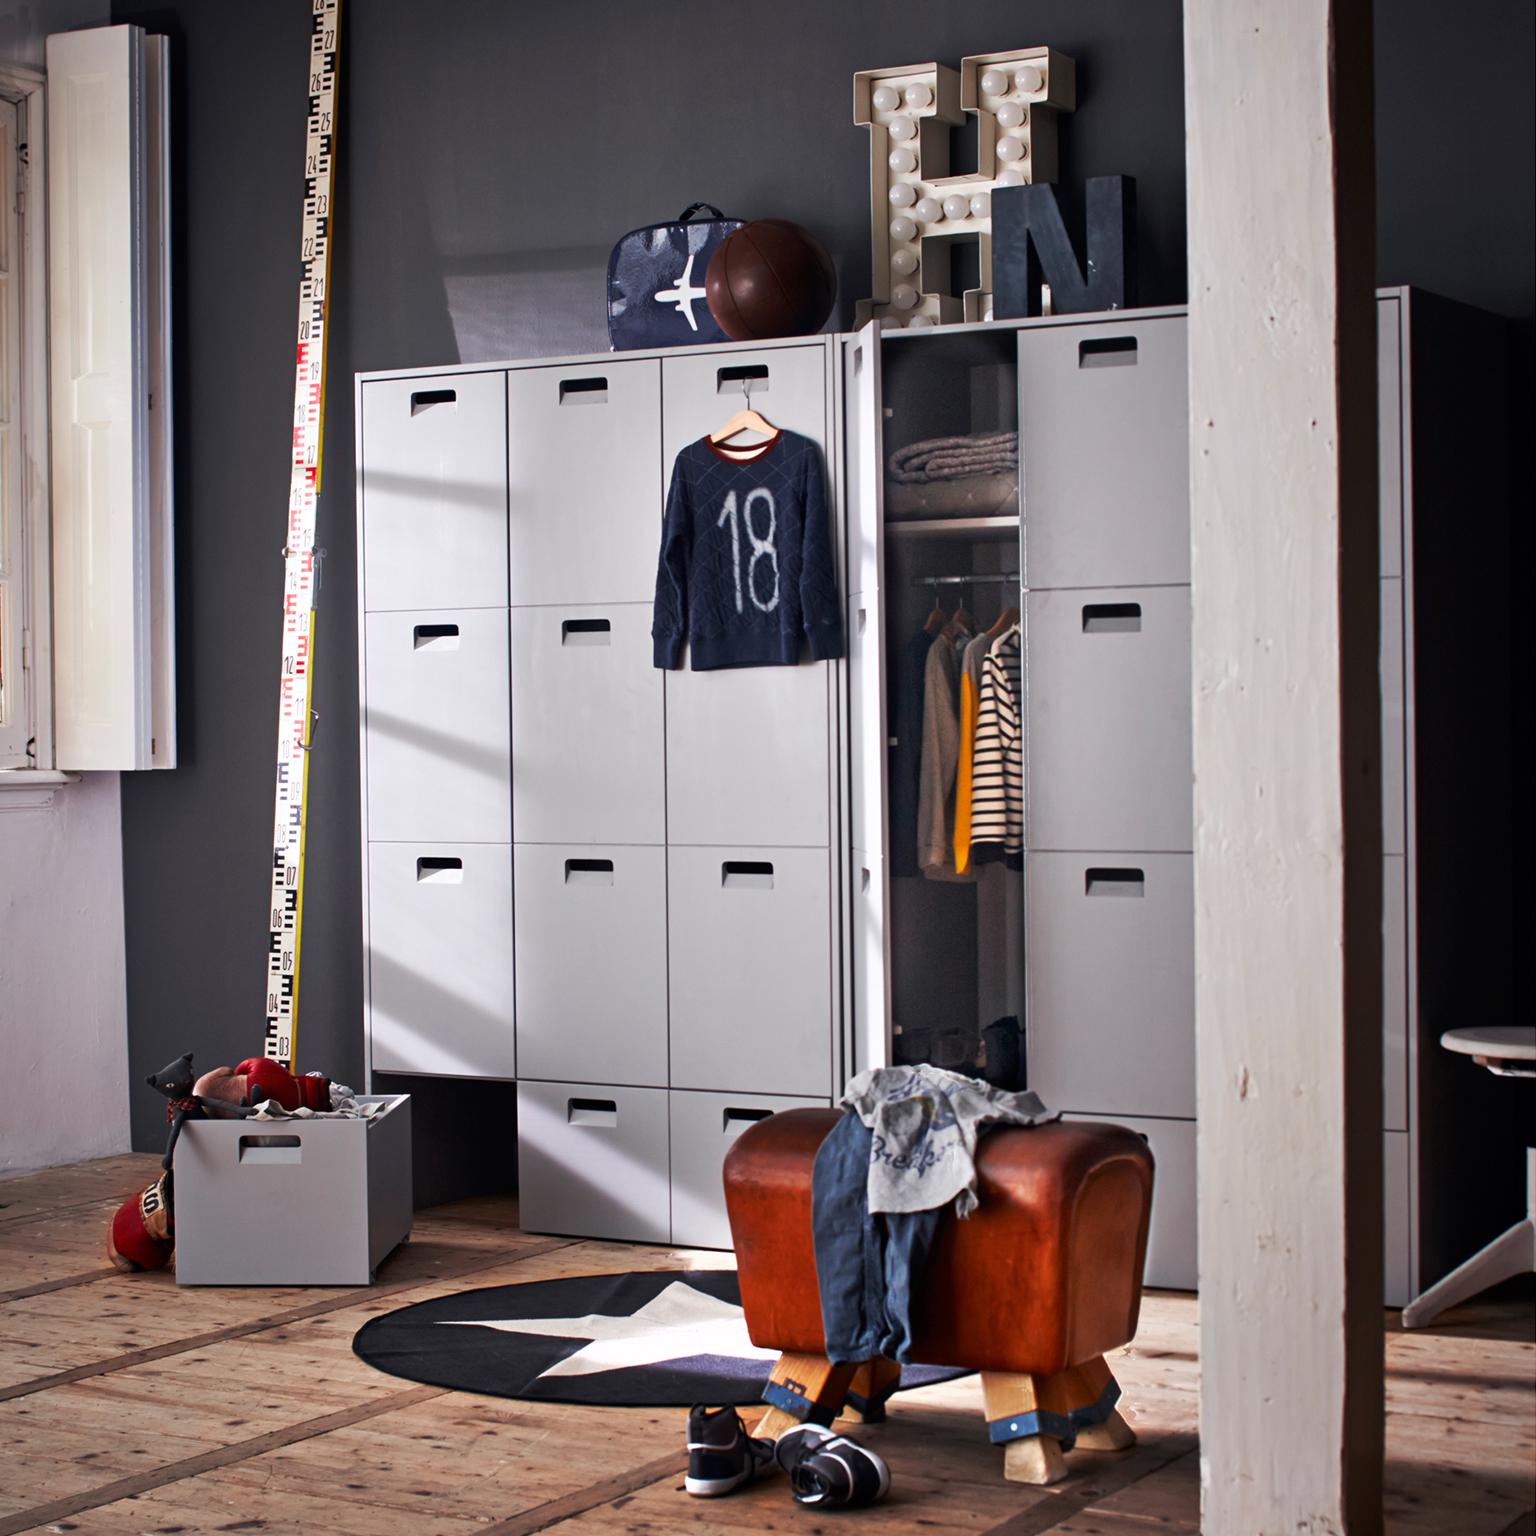 vtwonen Kledingkast 'Store', kleur Betongrijs met voordeel snel in huis via Meubel Partner